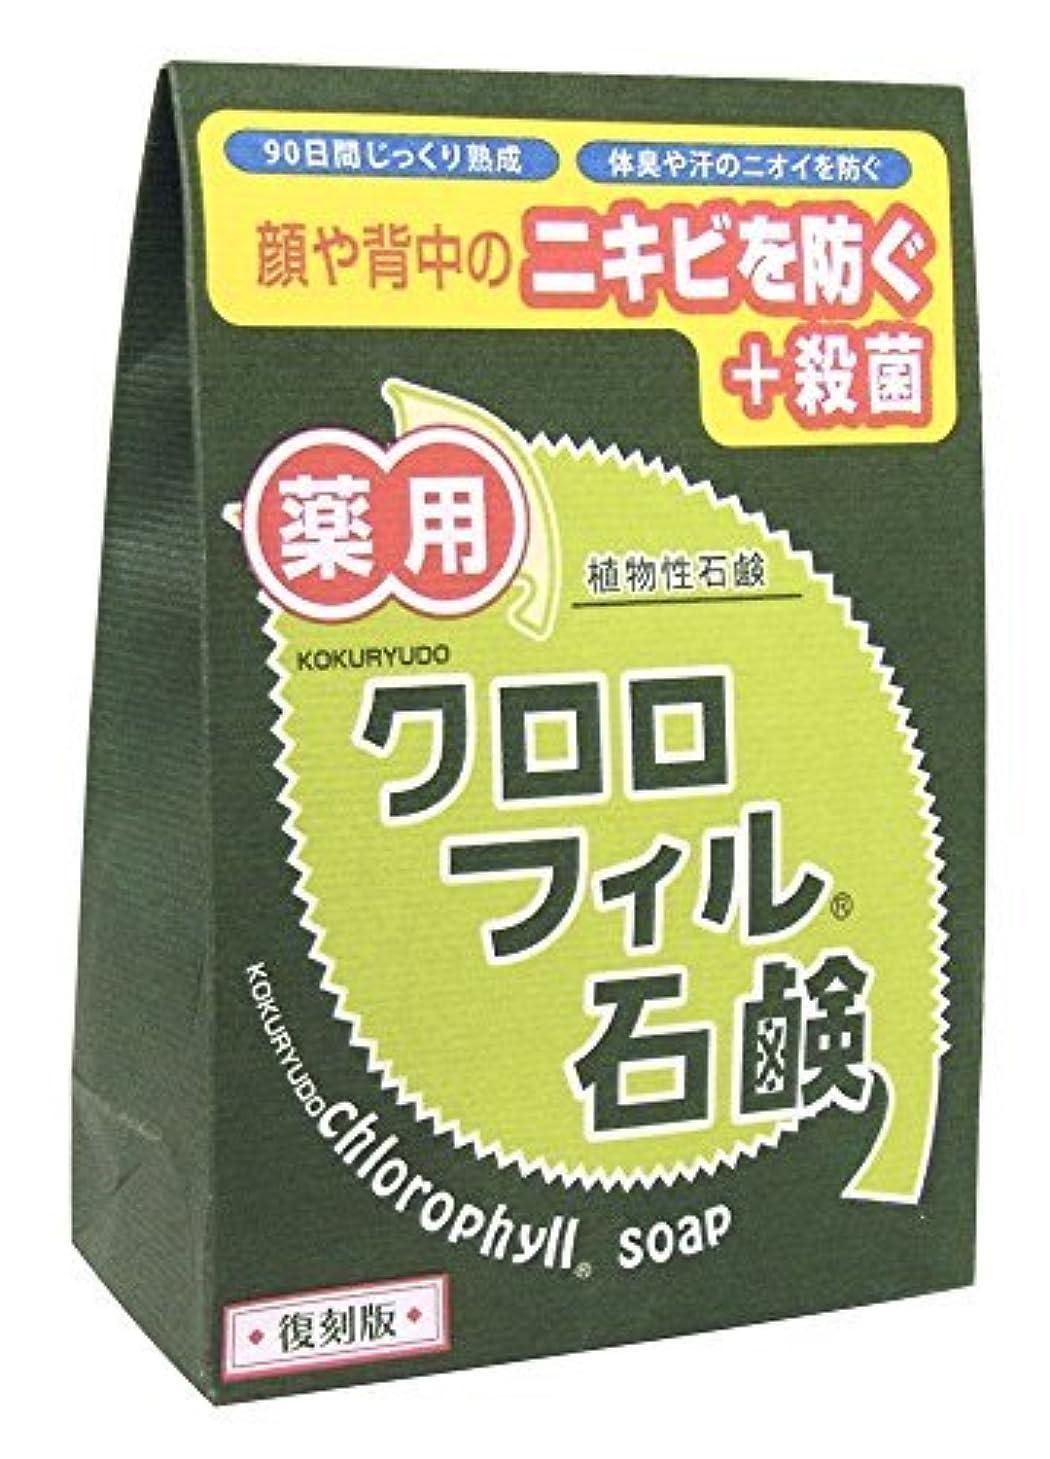 添加剤祝福アリーナ【まとめ買い】クロロフィル石鹸 復刻版 85g (医薬部外品)【×6個】